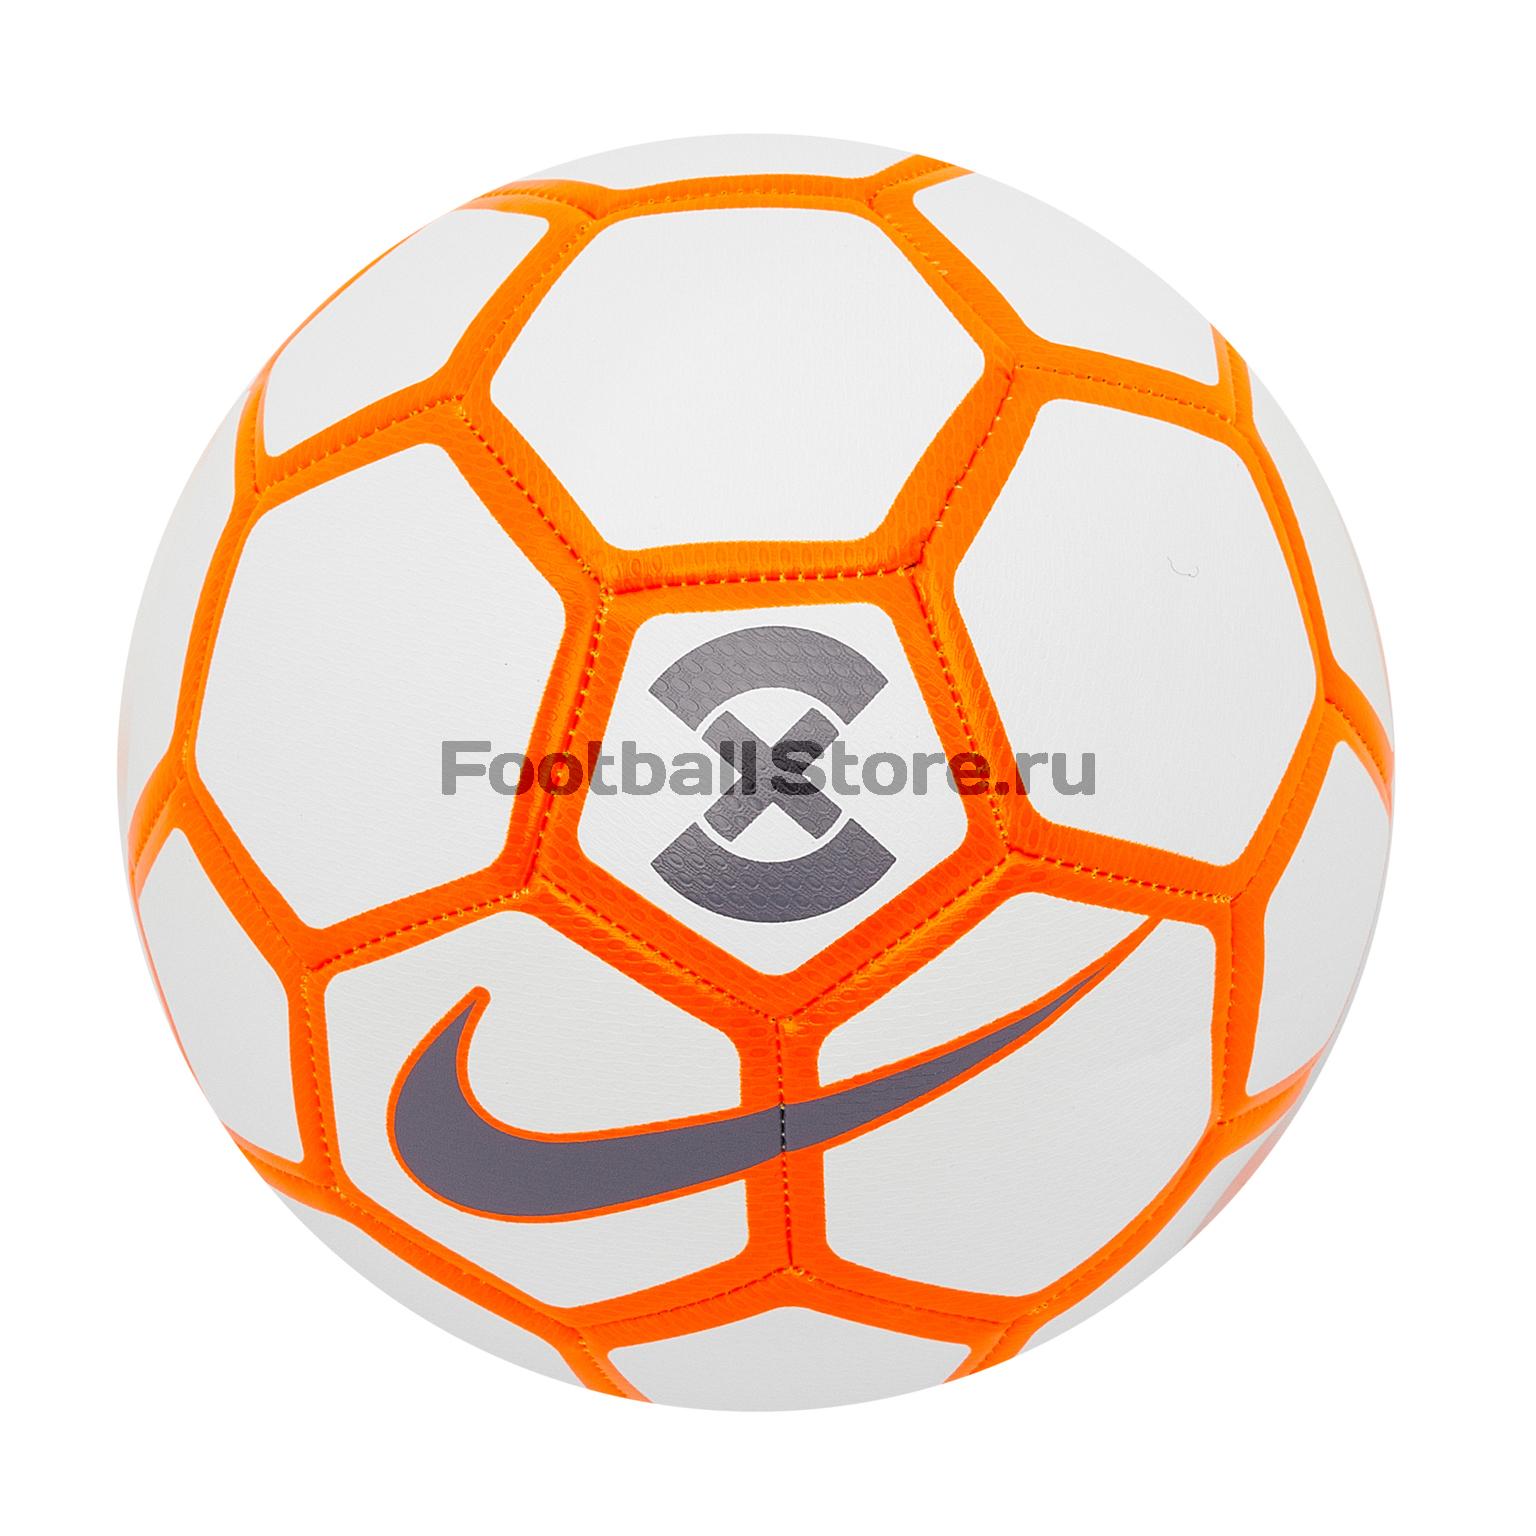 Футбольный мяч Nike Strike X SC3506-100 все цены